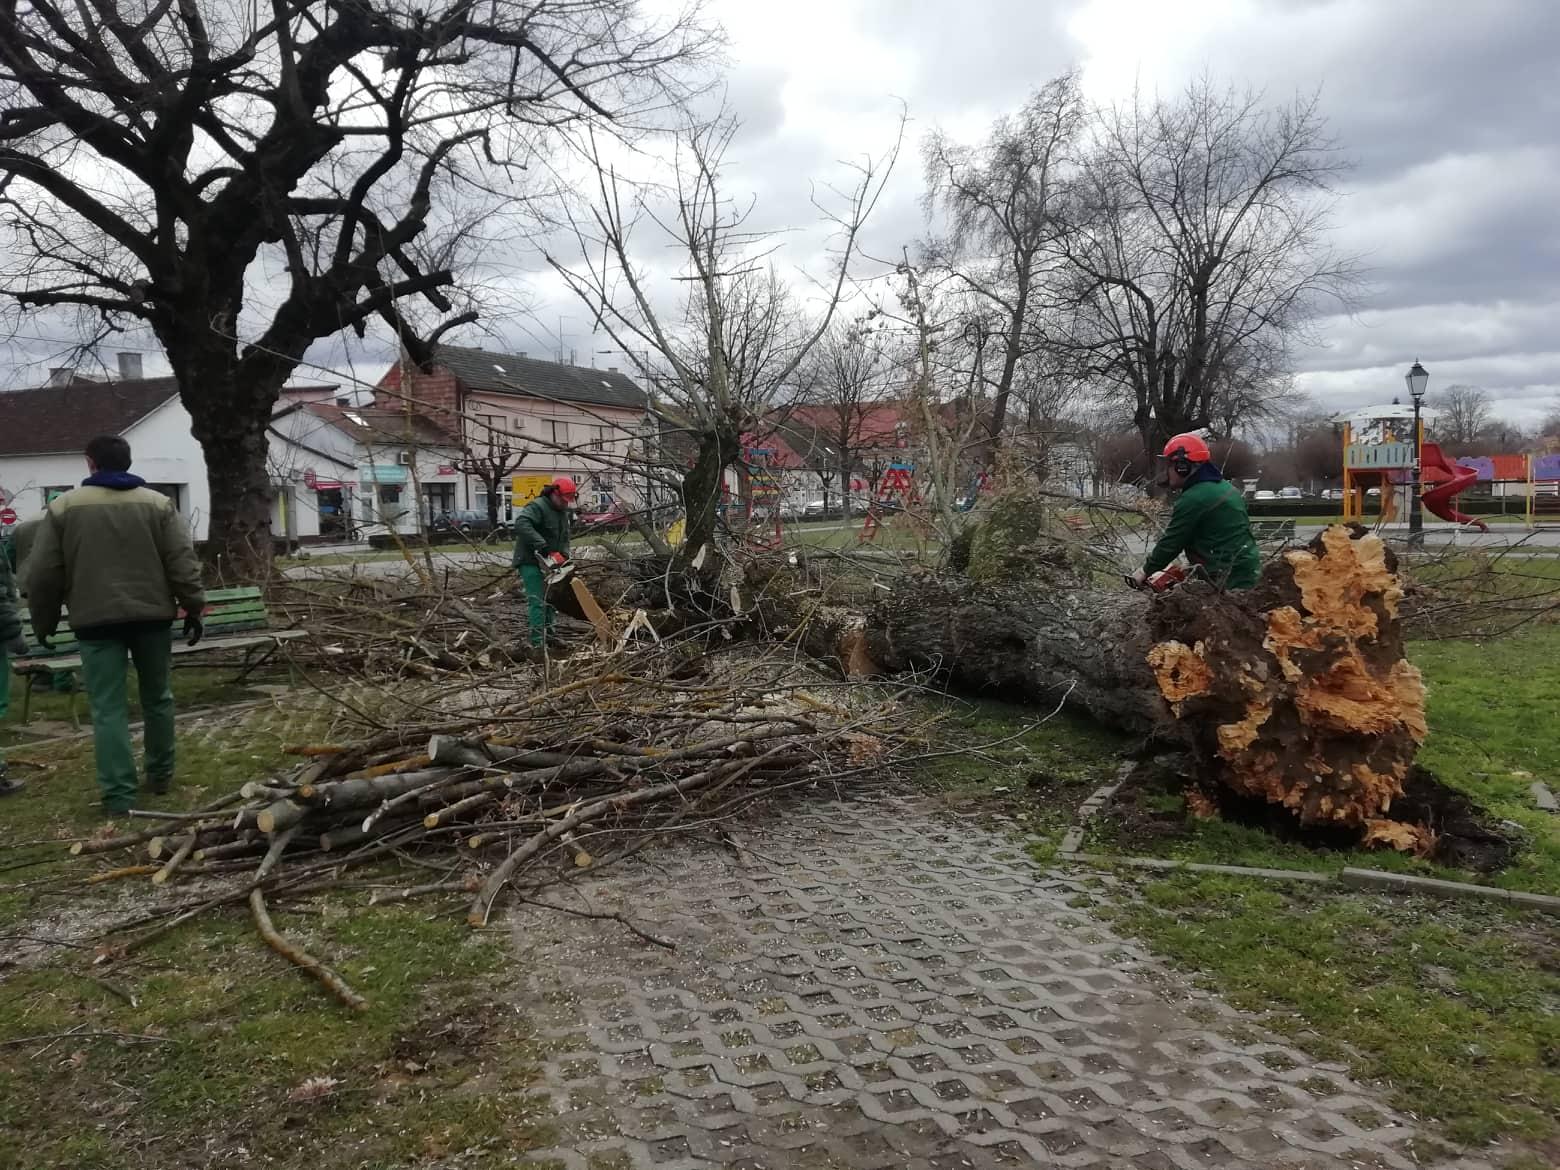 PROBLEMI ZBOG VJETRA Na Trgu hrvatskih branitelja iščupano stablo s korijenom